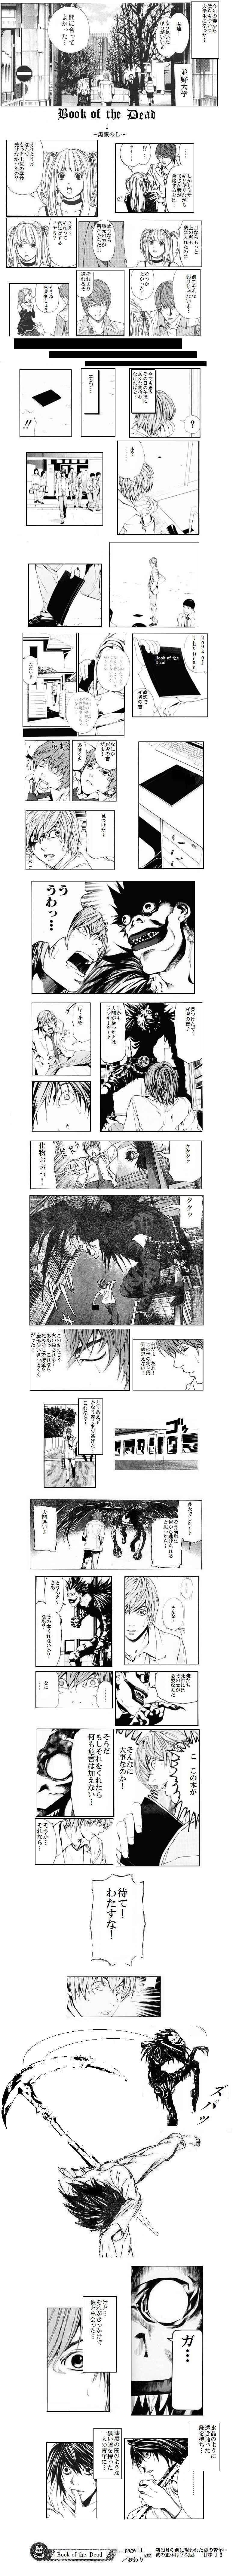 漫画:デスノート -黒眼のL- [おもしろ]1